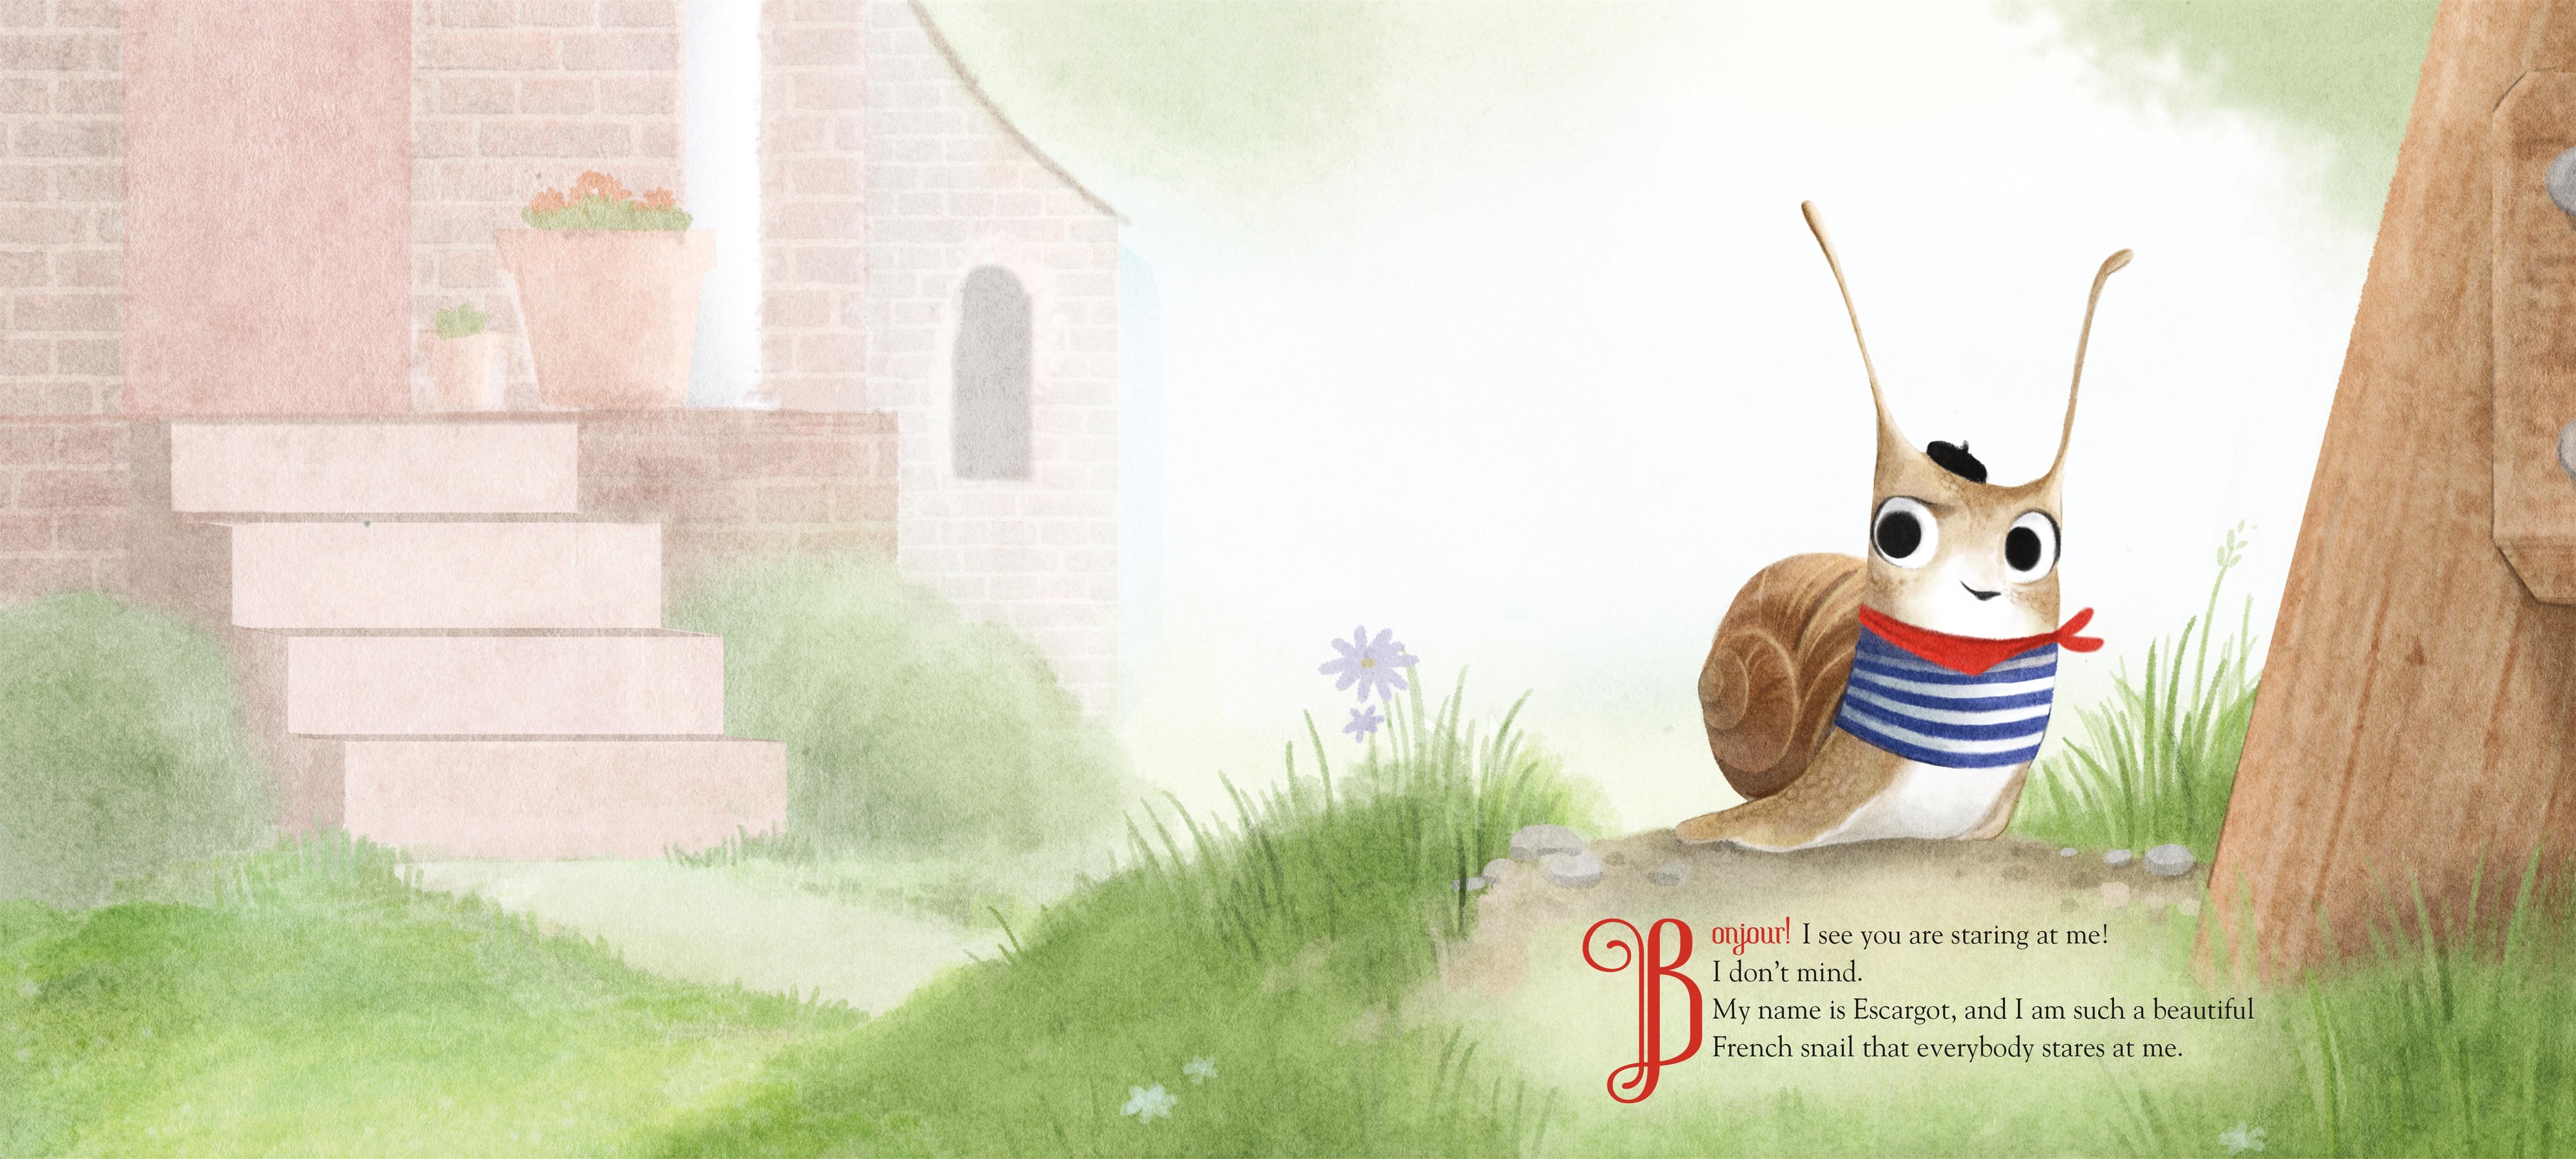 celebrate-picture-books-picture-book-review-escargot-bonjour